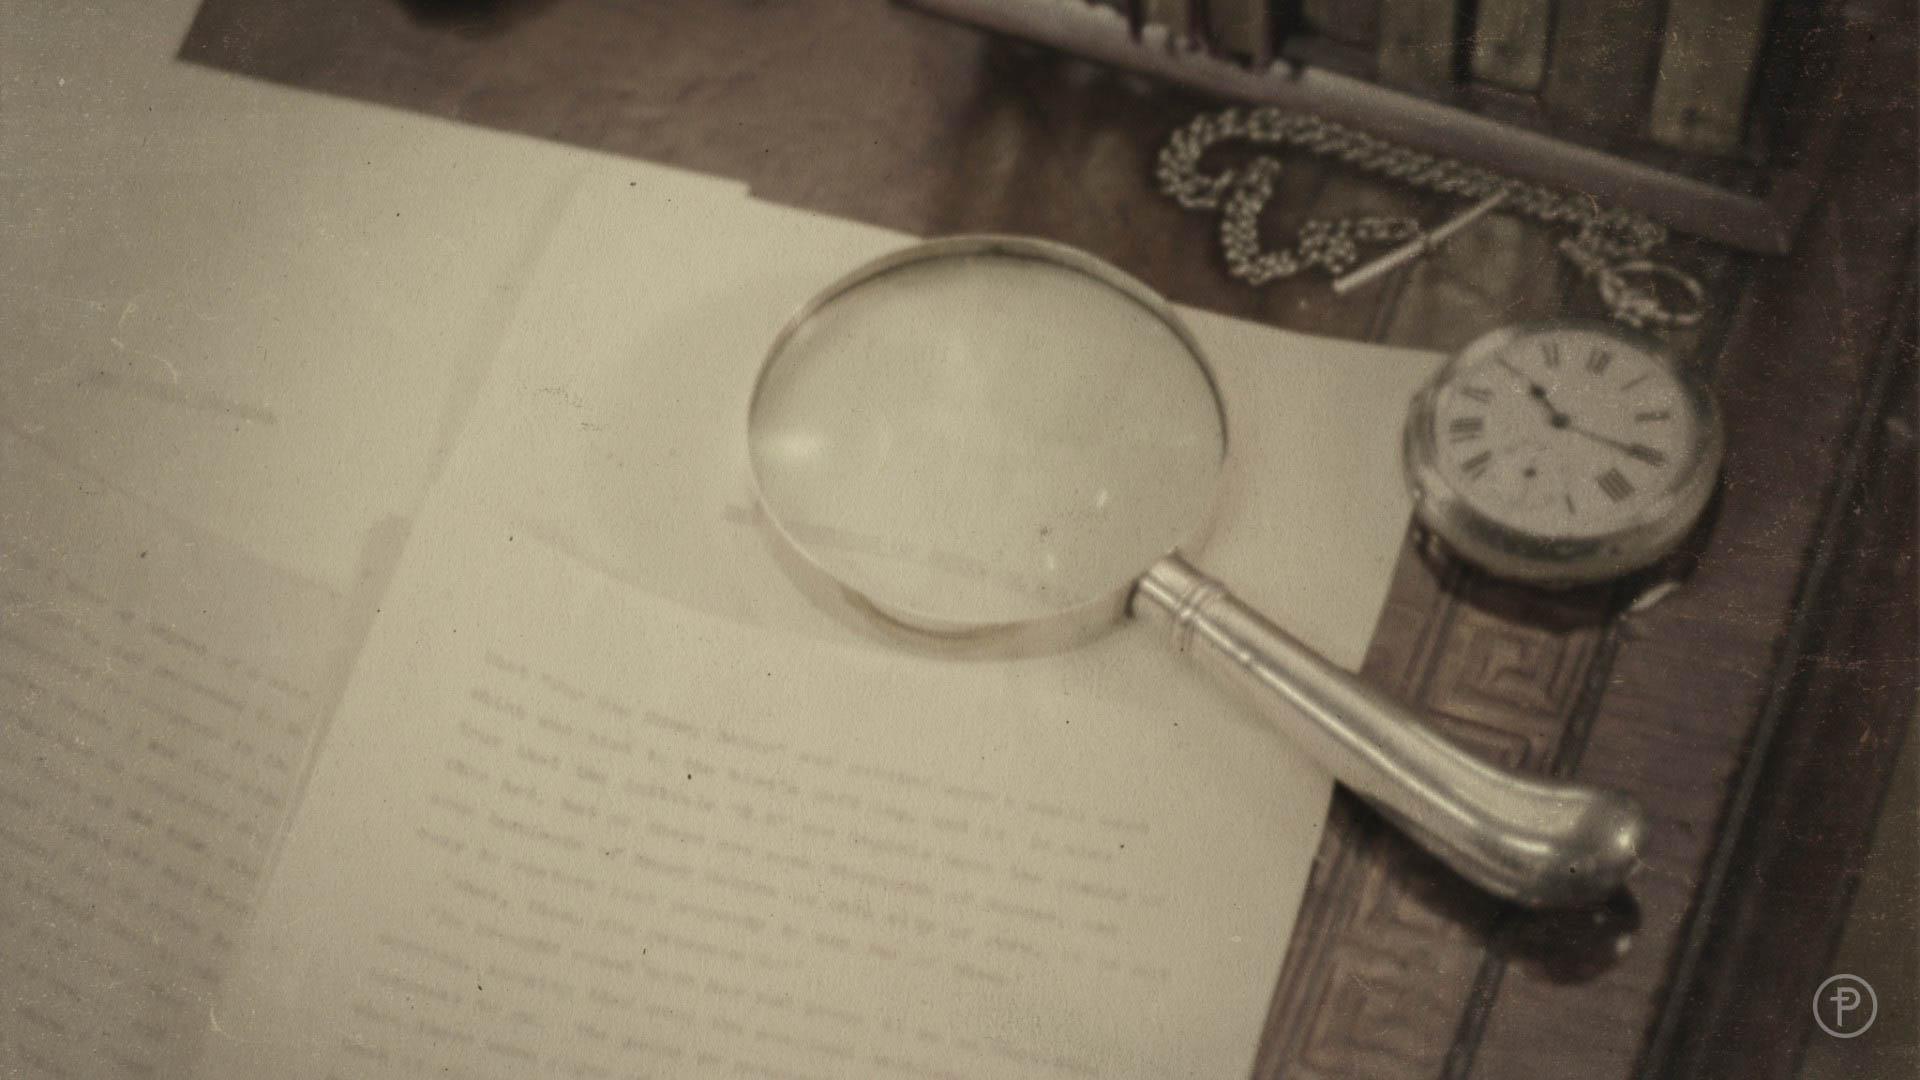 Zai_Ortiz_Sherlock_Holmes_-9.jpg